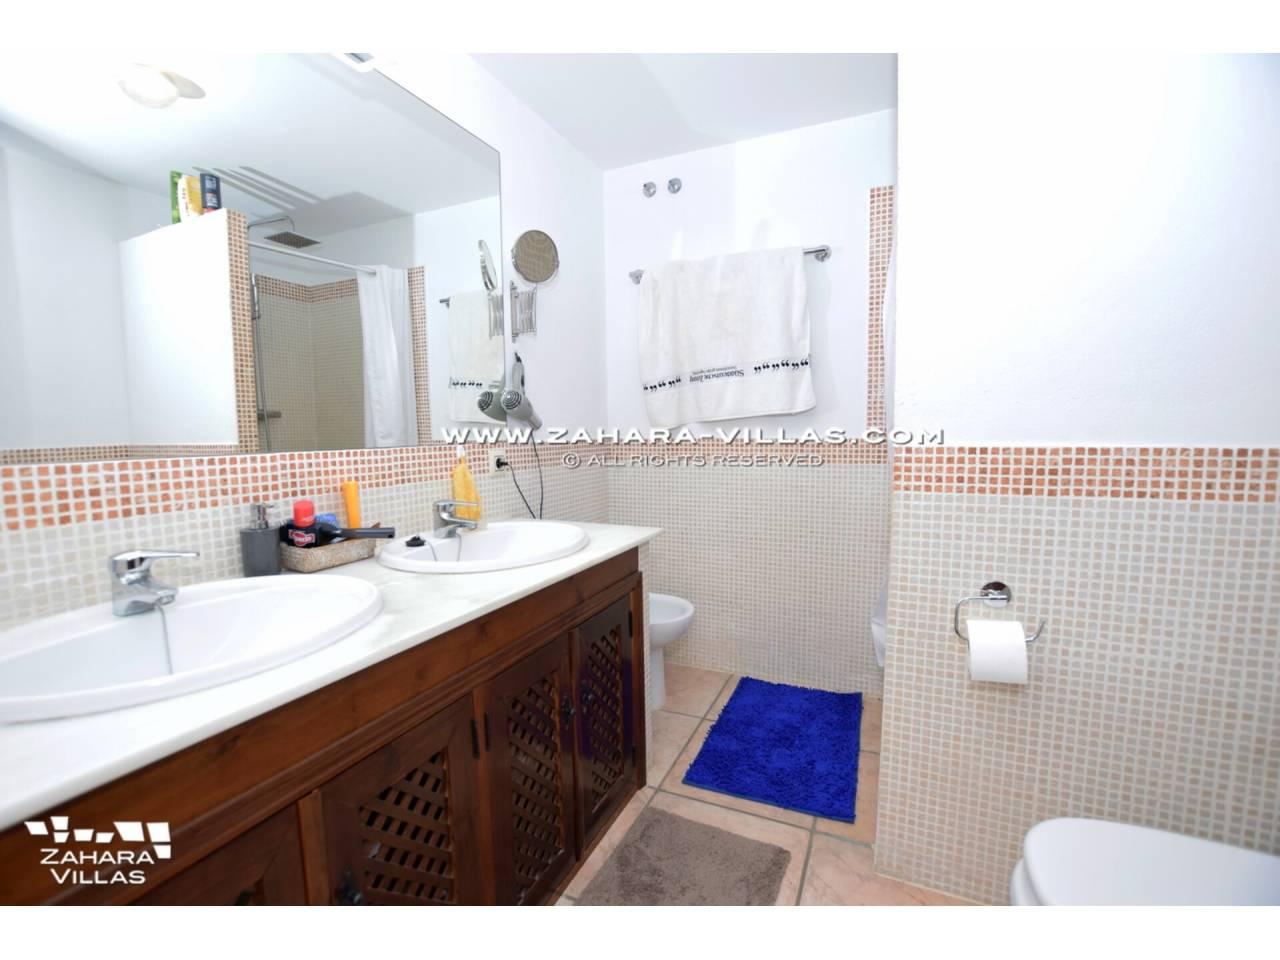 Imagen 19 de Penthouse apartment for sale in Zahara de los Atunes